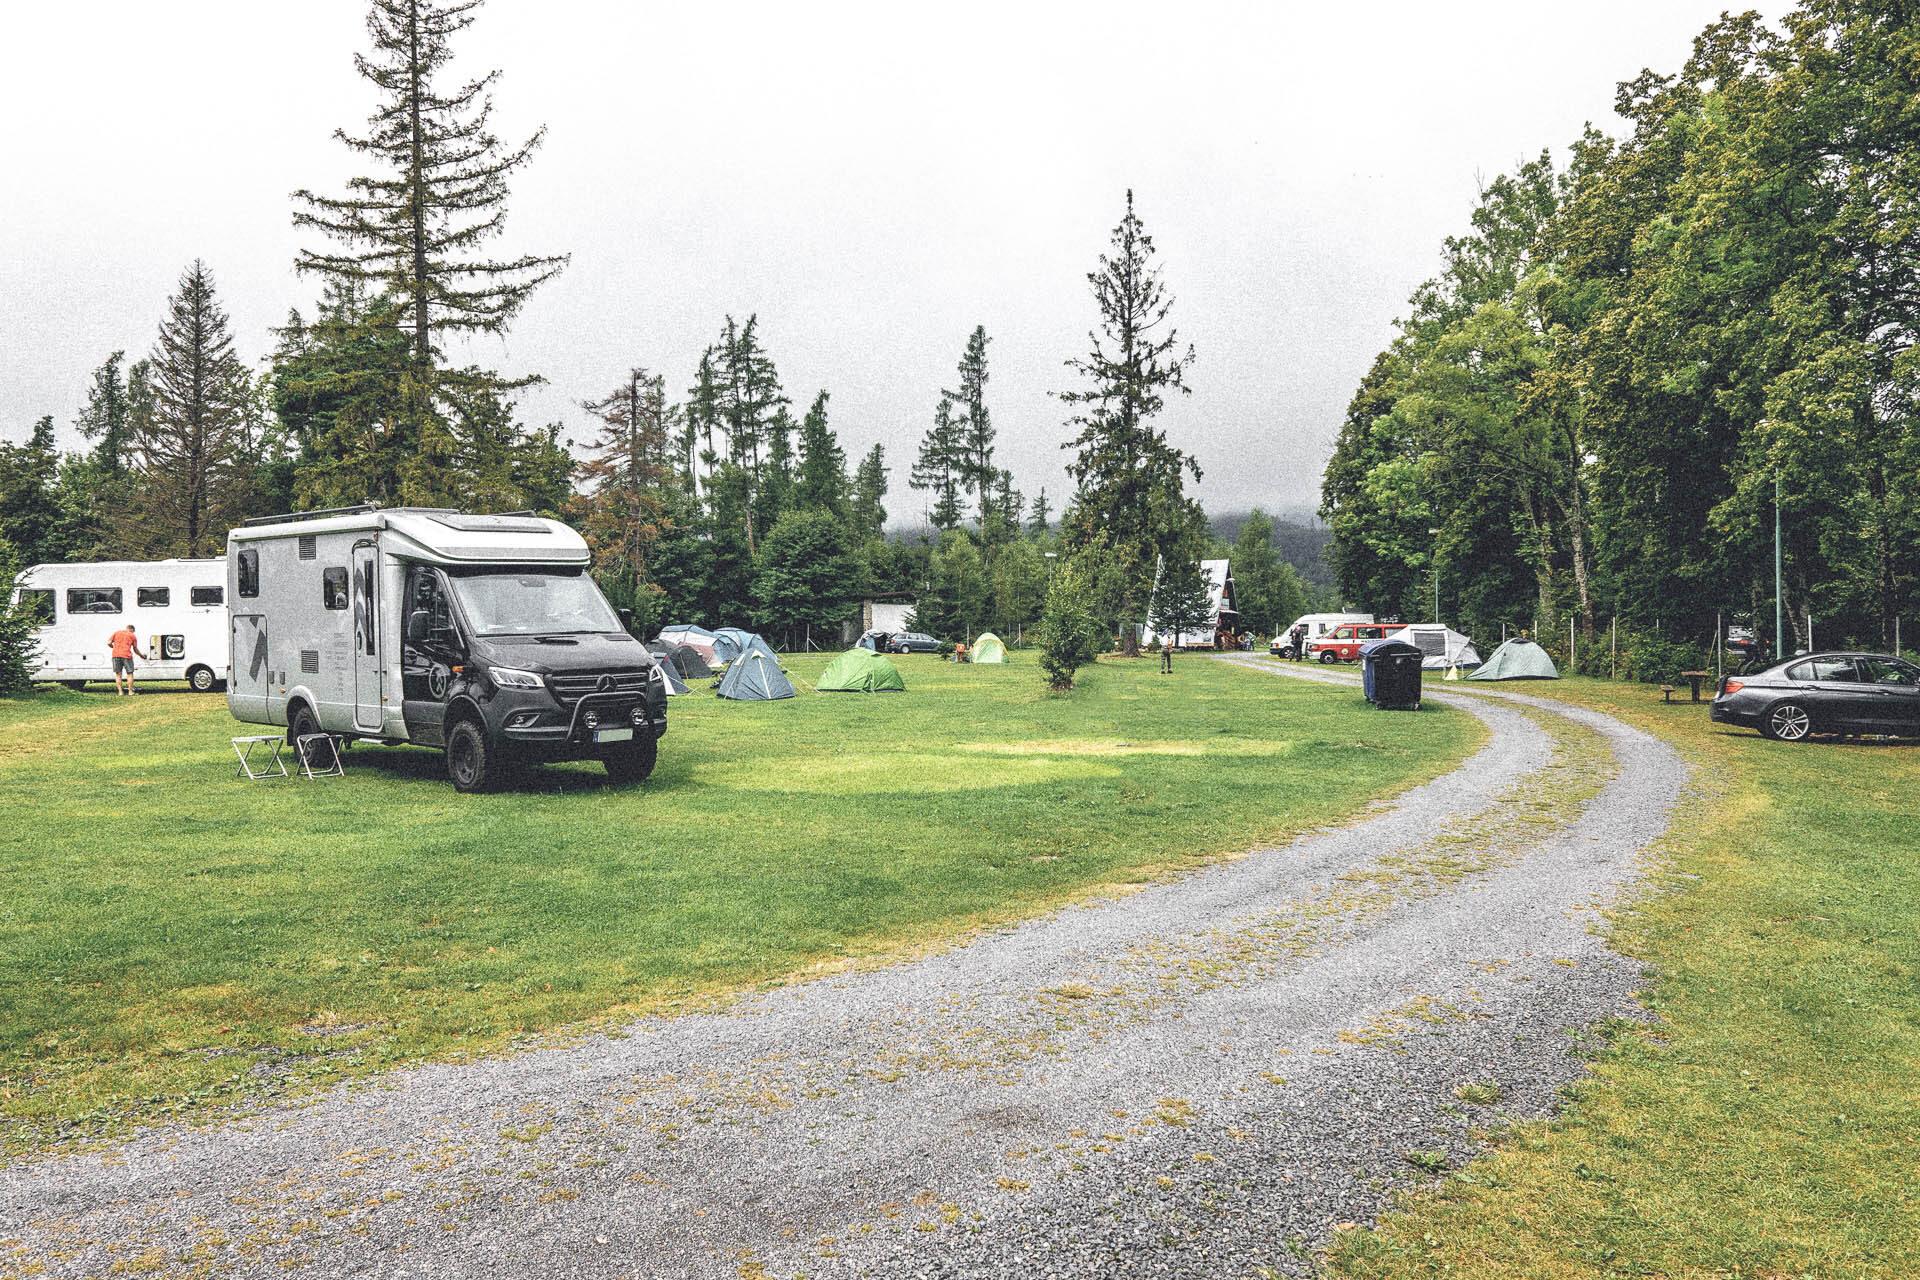 Mein Hymer ML-T ganz verloren auf dem Campingplatz